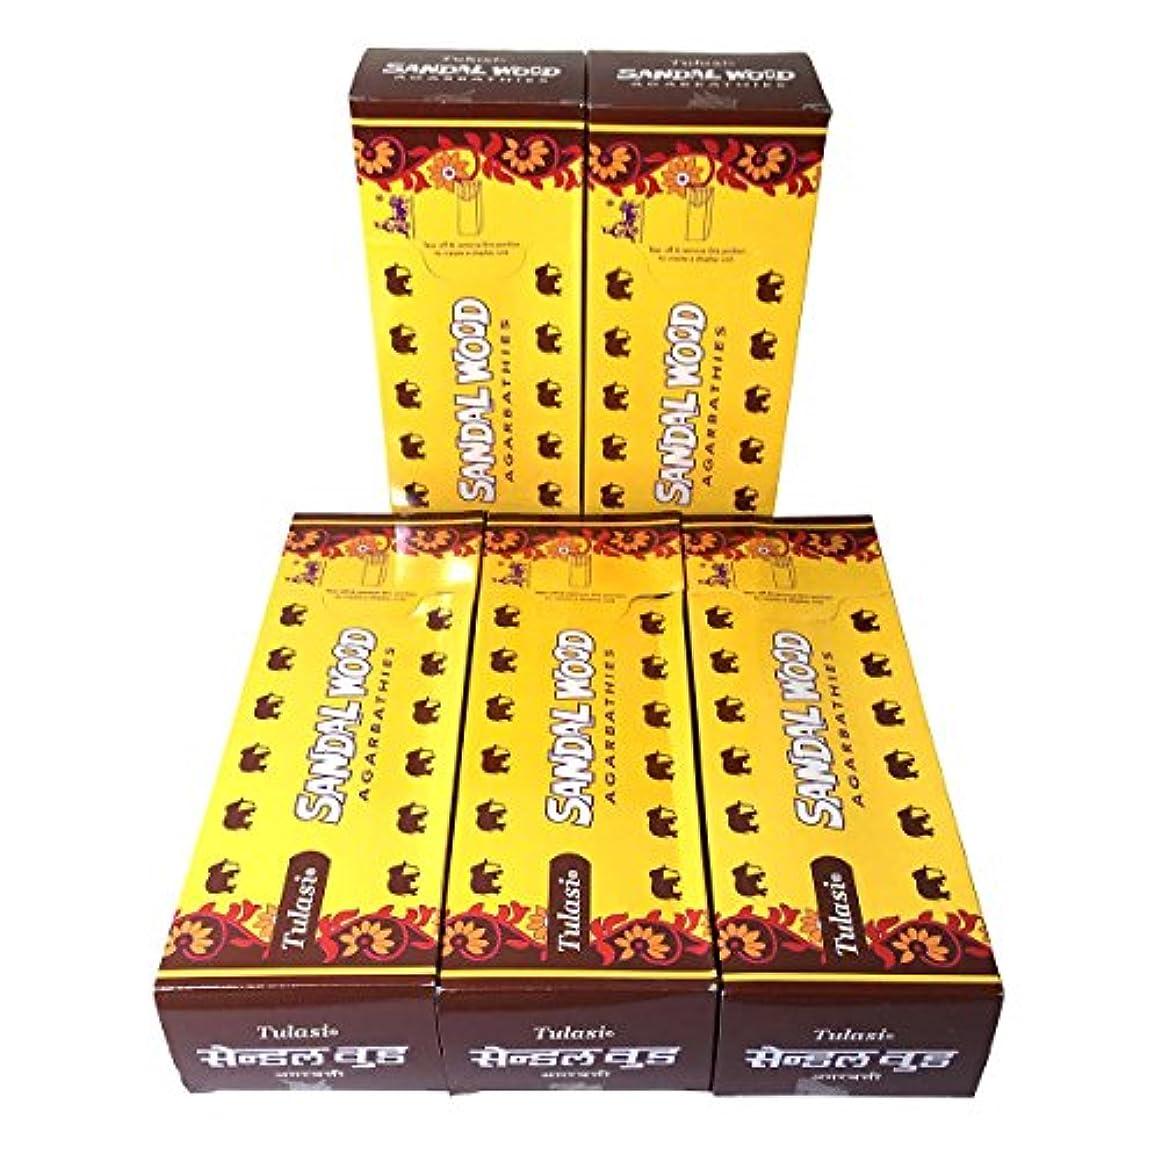 マッサージジャベスウィルソン苛性サンダルウッド香スティック 5BOX(30箱)/TULASI SANDAL WOOD/ インド香 / 送料無料 [並行輸入品]